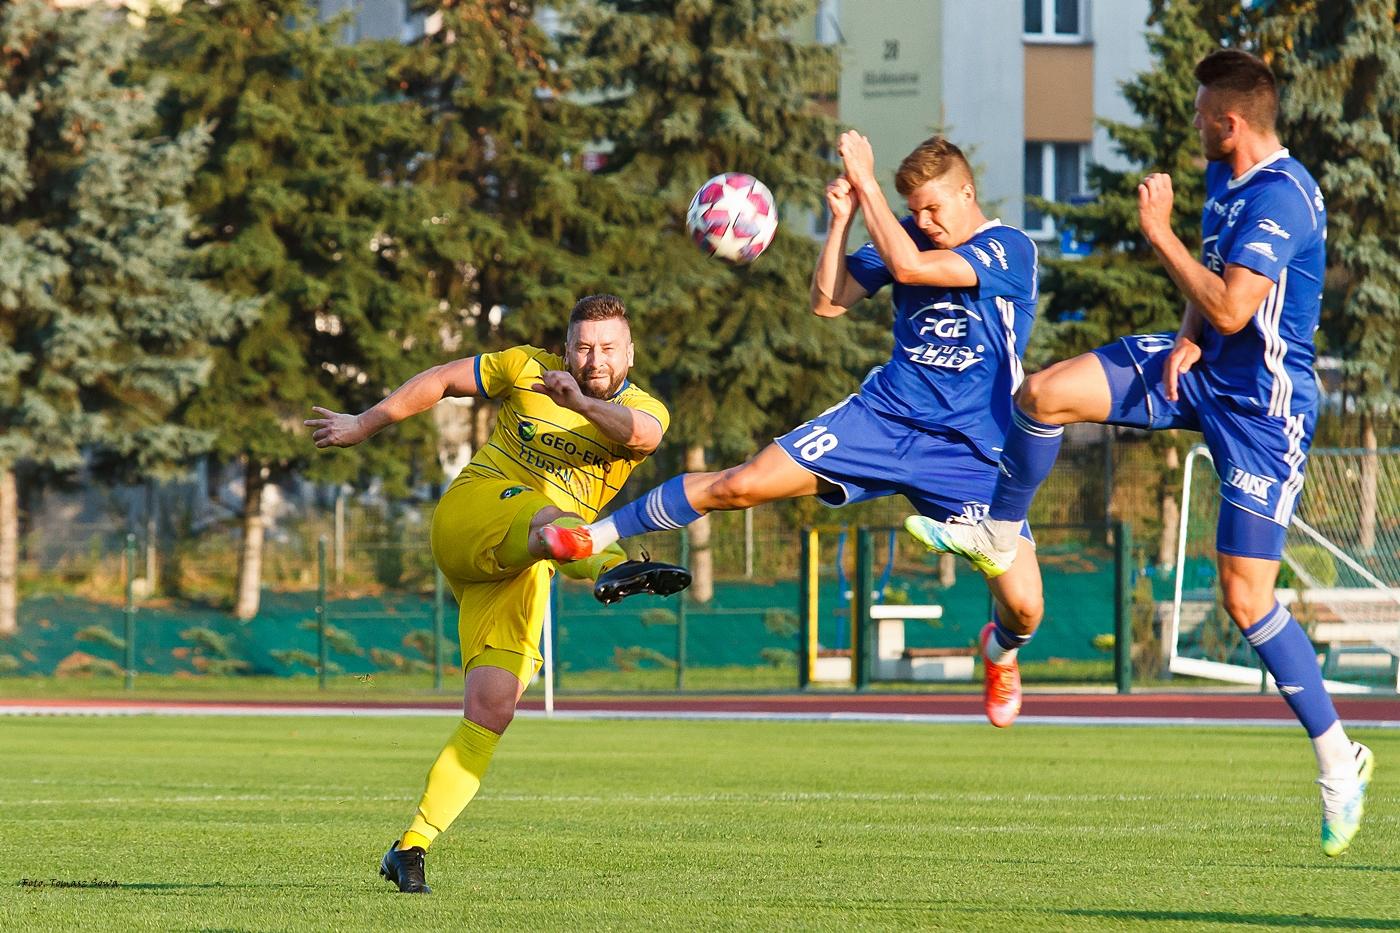 Mecz Ekoball Stal Sanok vs FKS Stal II Mielec [FOTORELACJA] - Zdjęcie główne